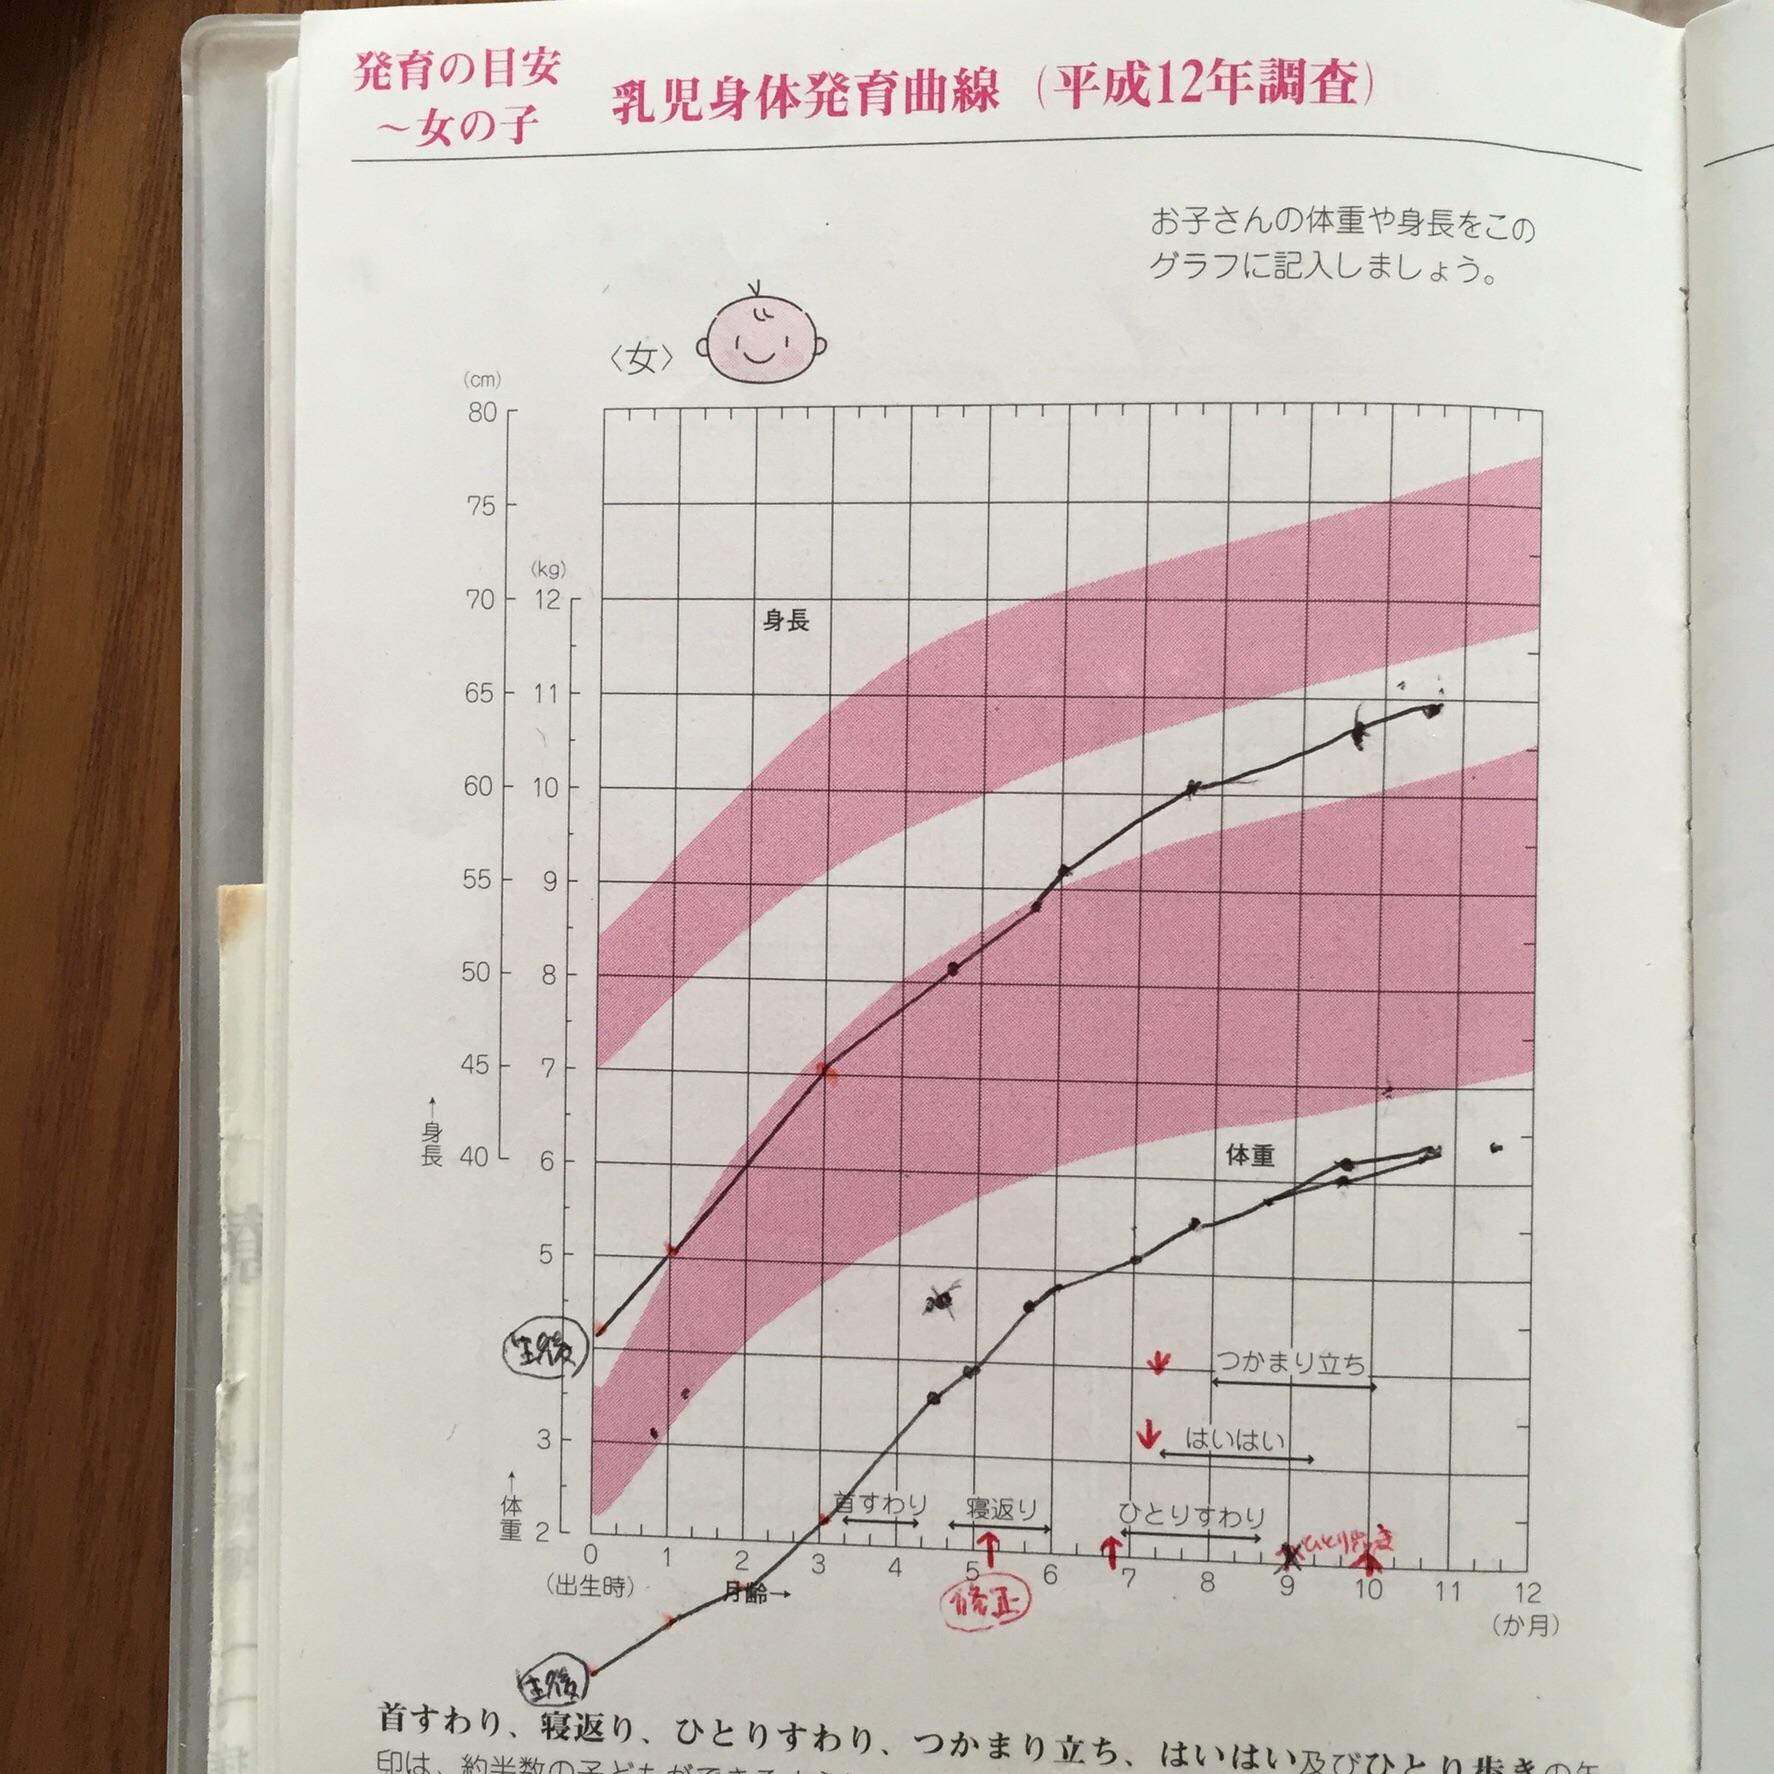 低 出生 児 超 体重